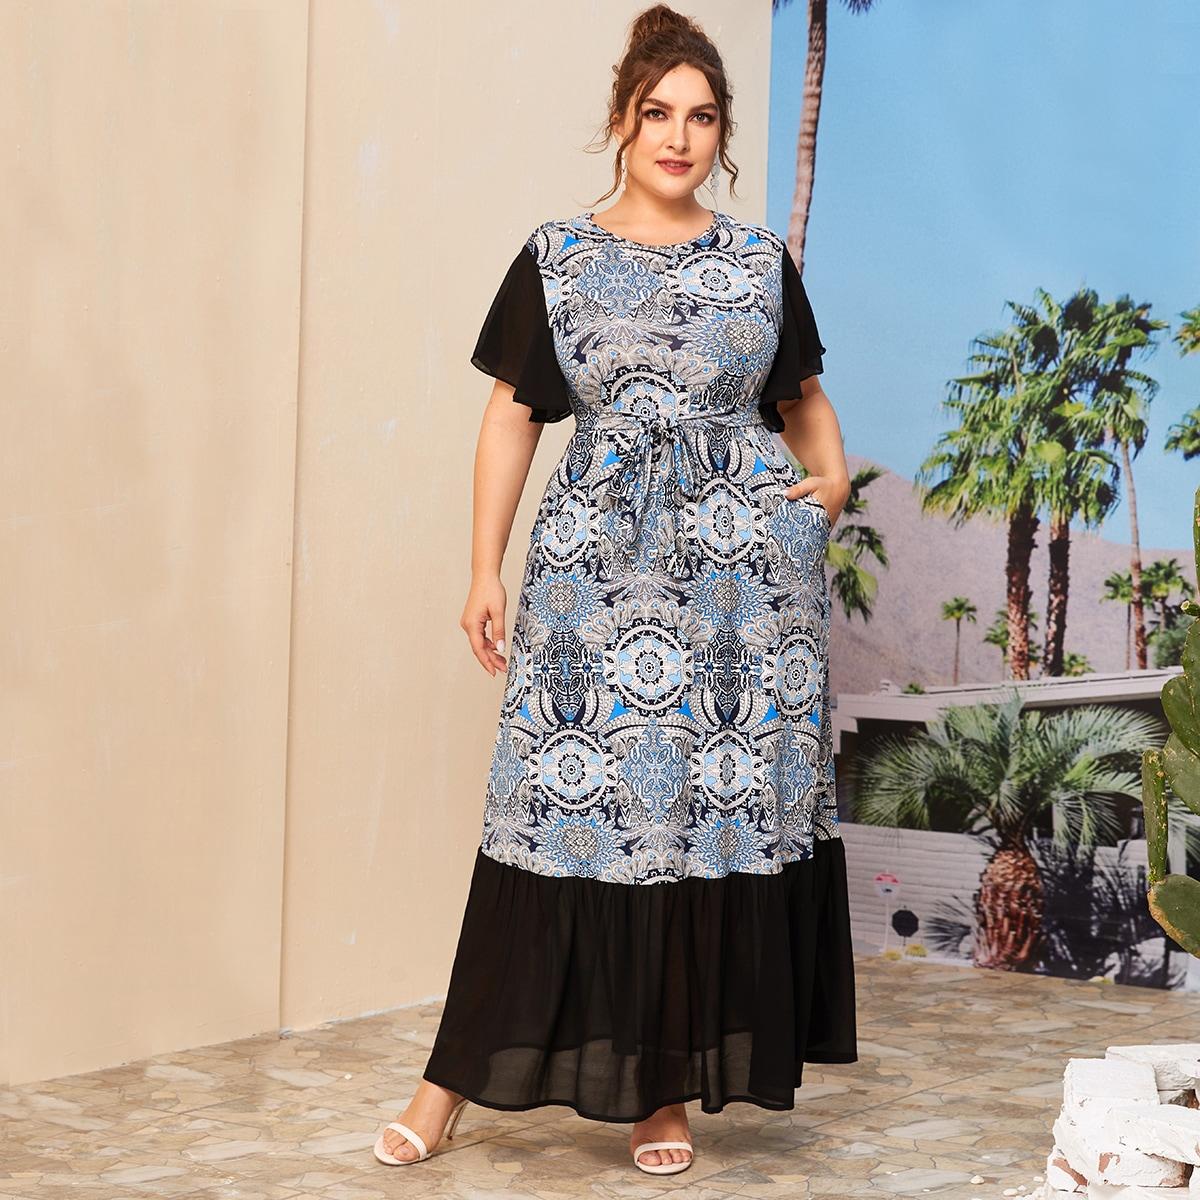 SHEIN / Große Größen - Kleid mit Stamm Muster, Kontrast Einsatz und Gürtel